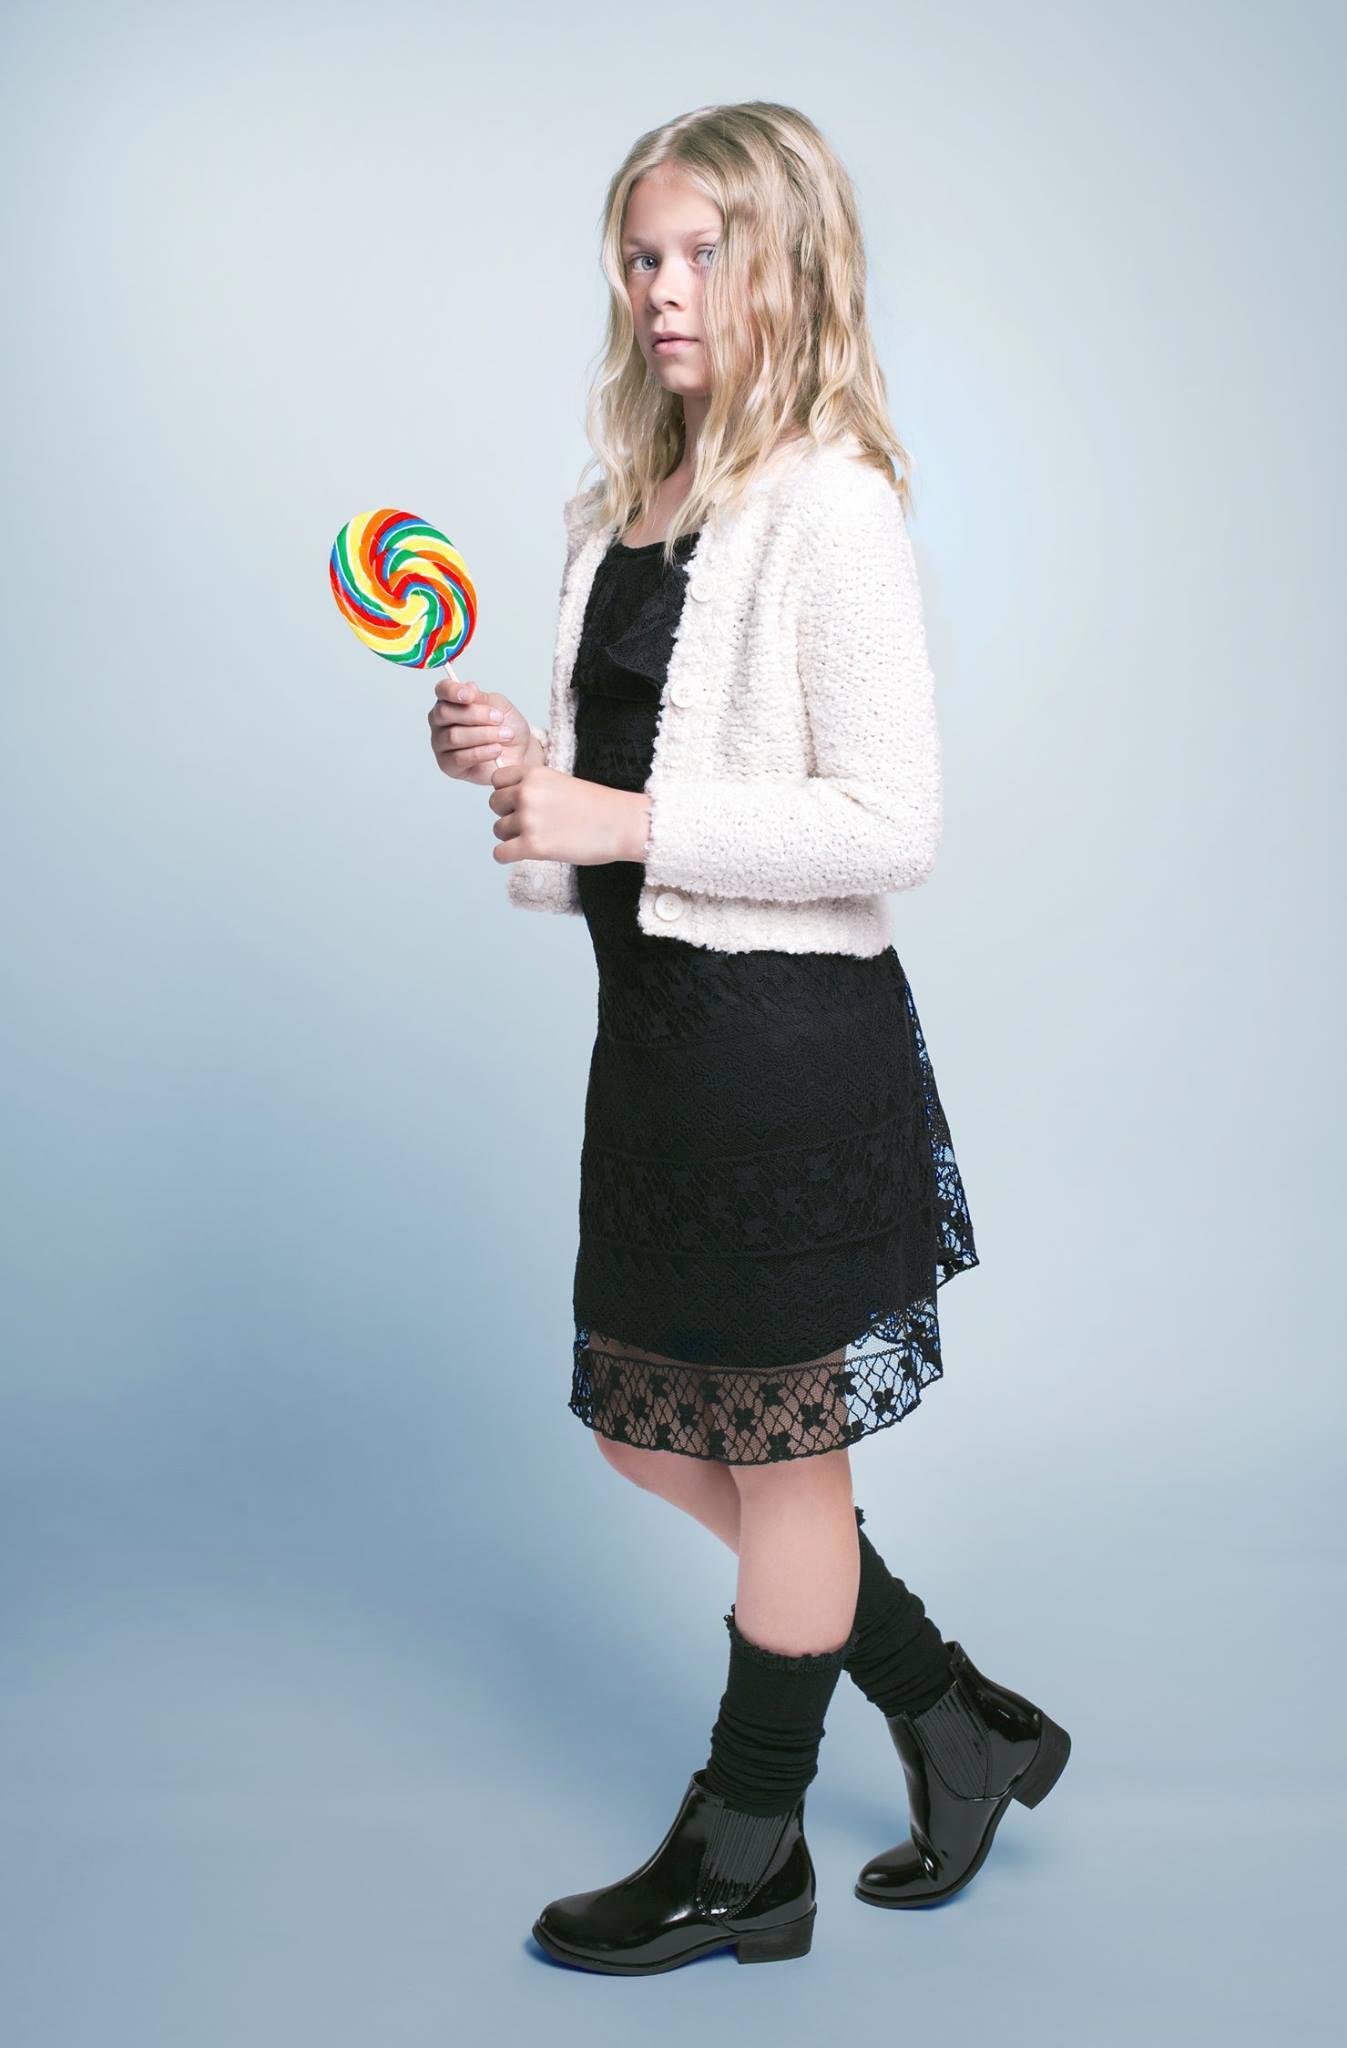 Dívčí účes z kolekce Terezy Nové Nativiti pro Bomton. Blond vlny doplňuje pěšinka uprostřed.